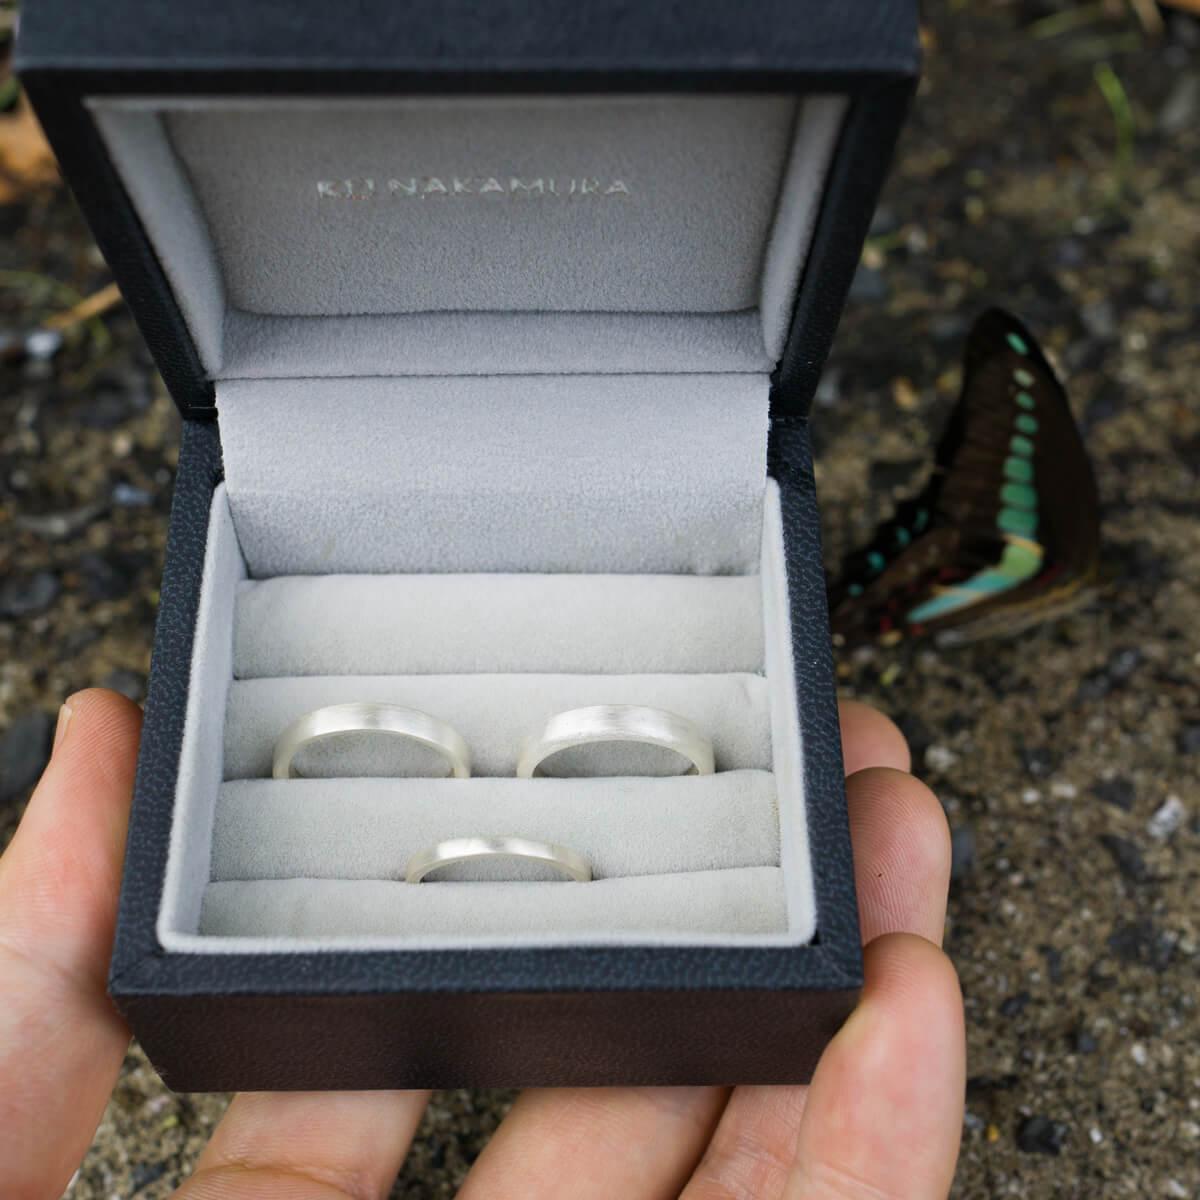 オーダーメイド結婚指輪のサンプル ケースの中、シルバー 隣に屋久島の蝶々 屋久島でつくる結婚指輪